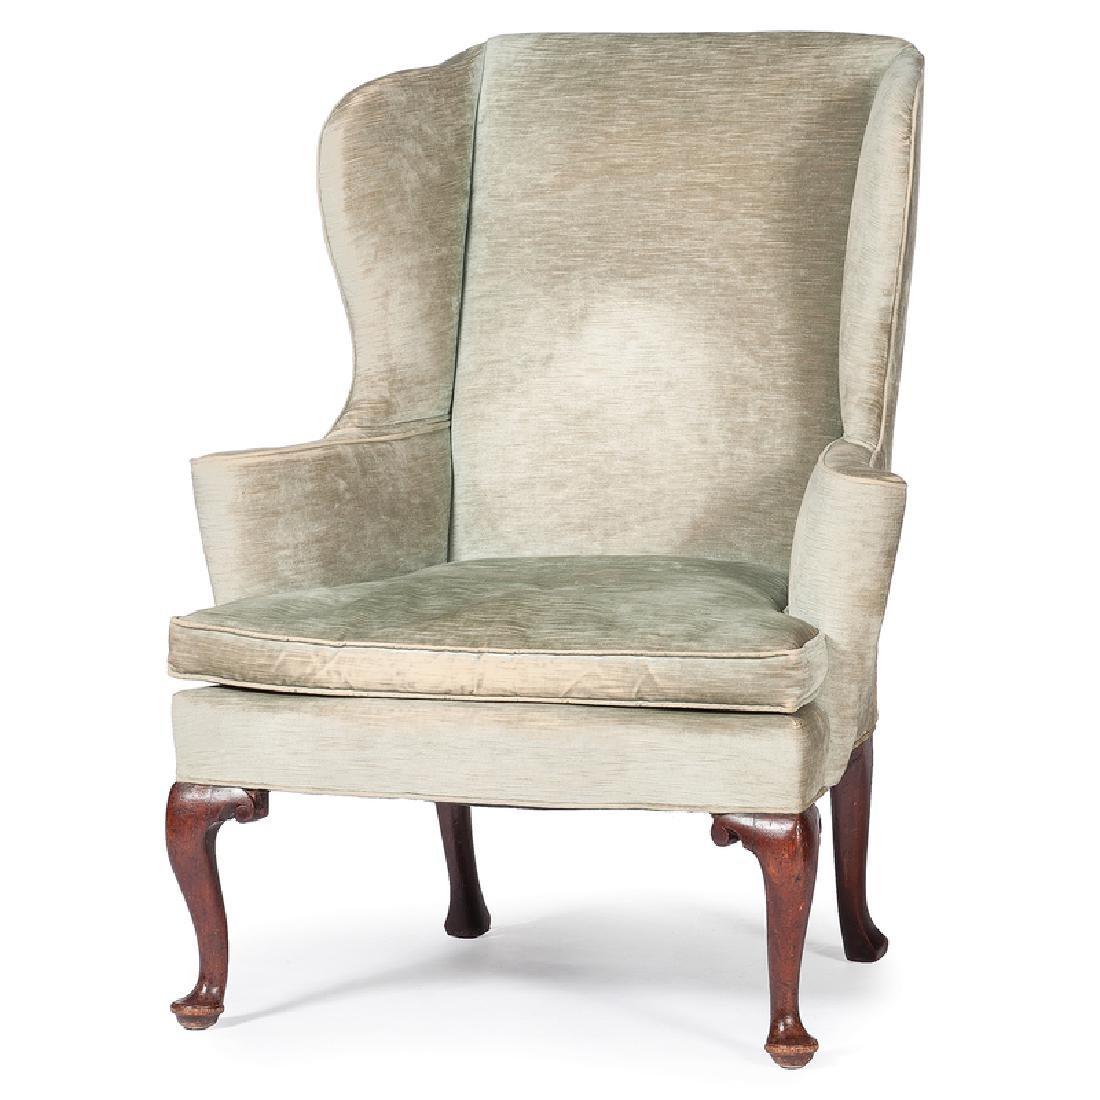 George I Walnut Easy Chair